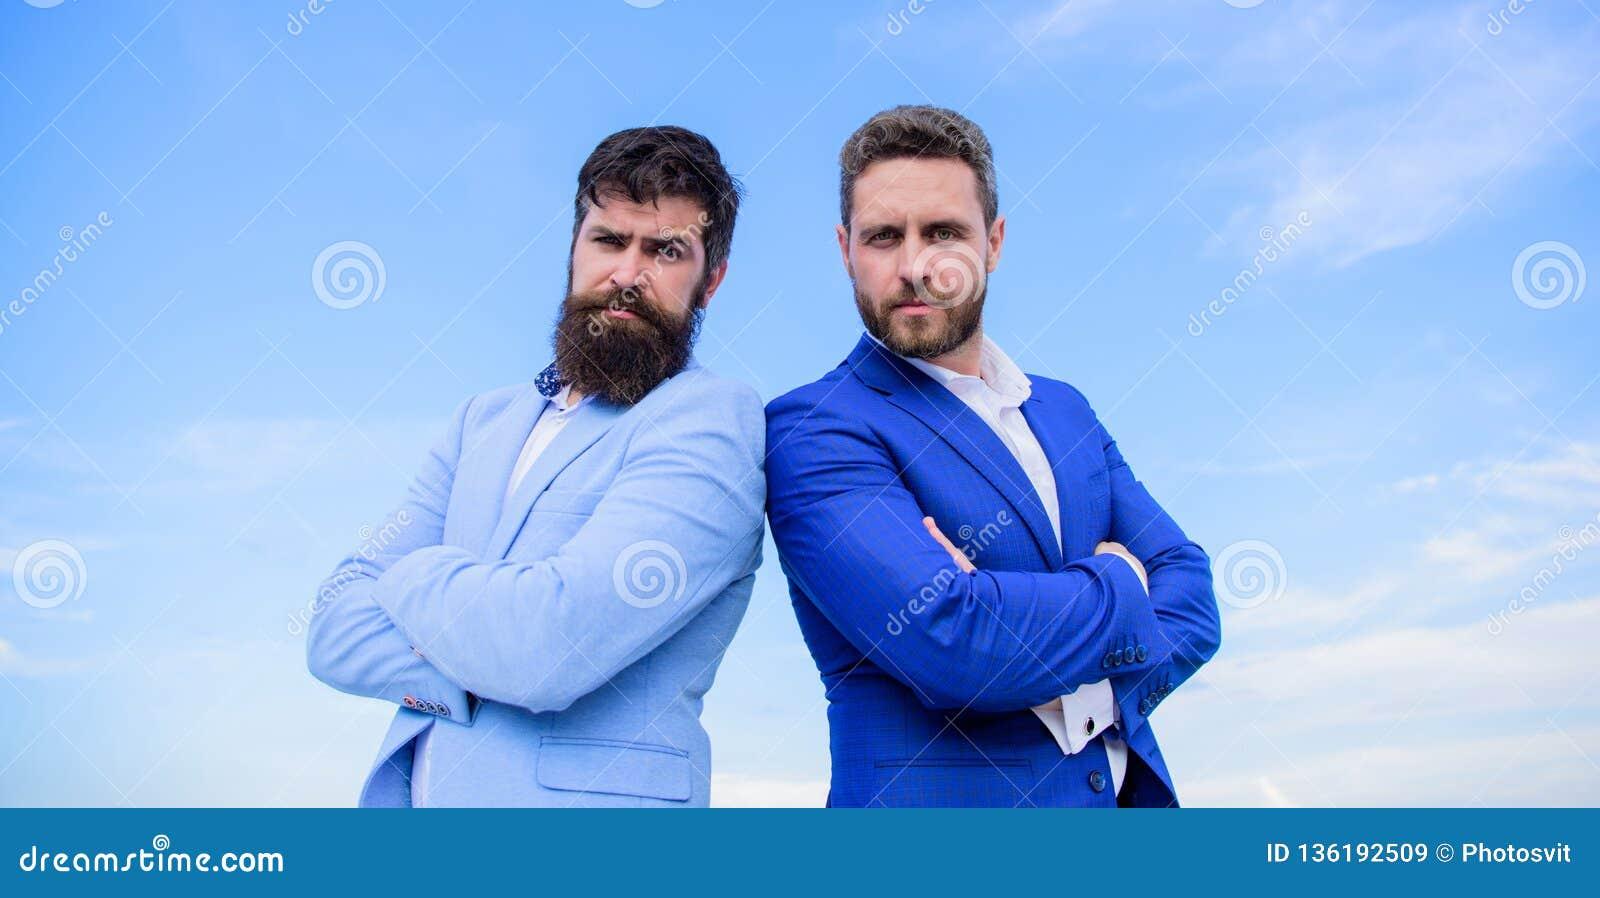 Bärtige Geschäftsleute, die sicher aufwerfen Geschäftsleute stehen Hintergrund des blauen Himmels Vervollkommnen Sie ausführlich